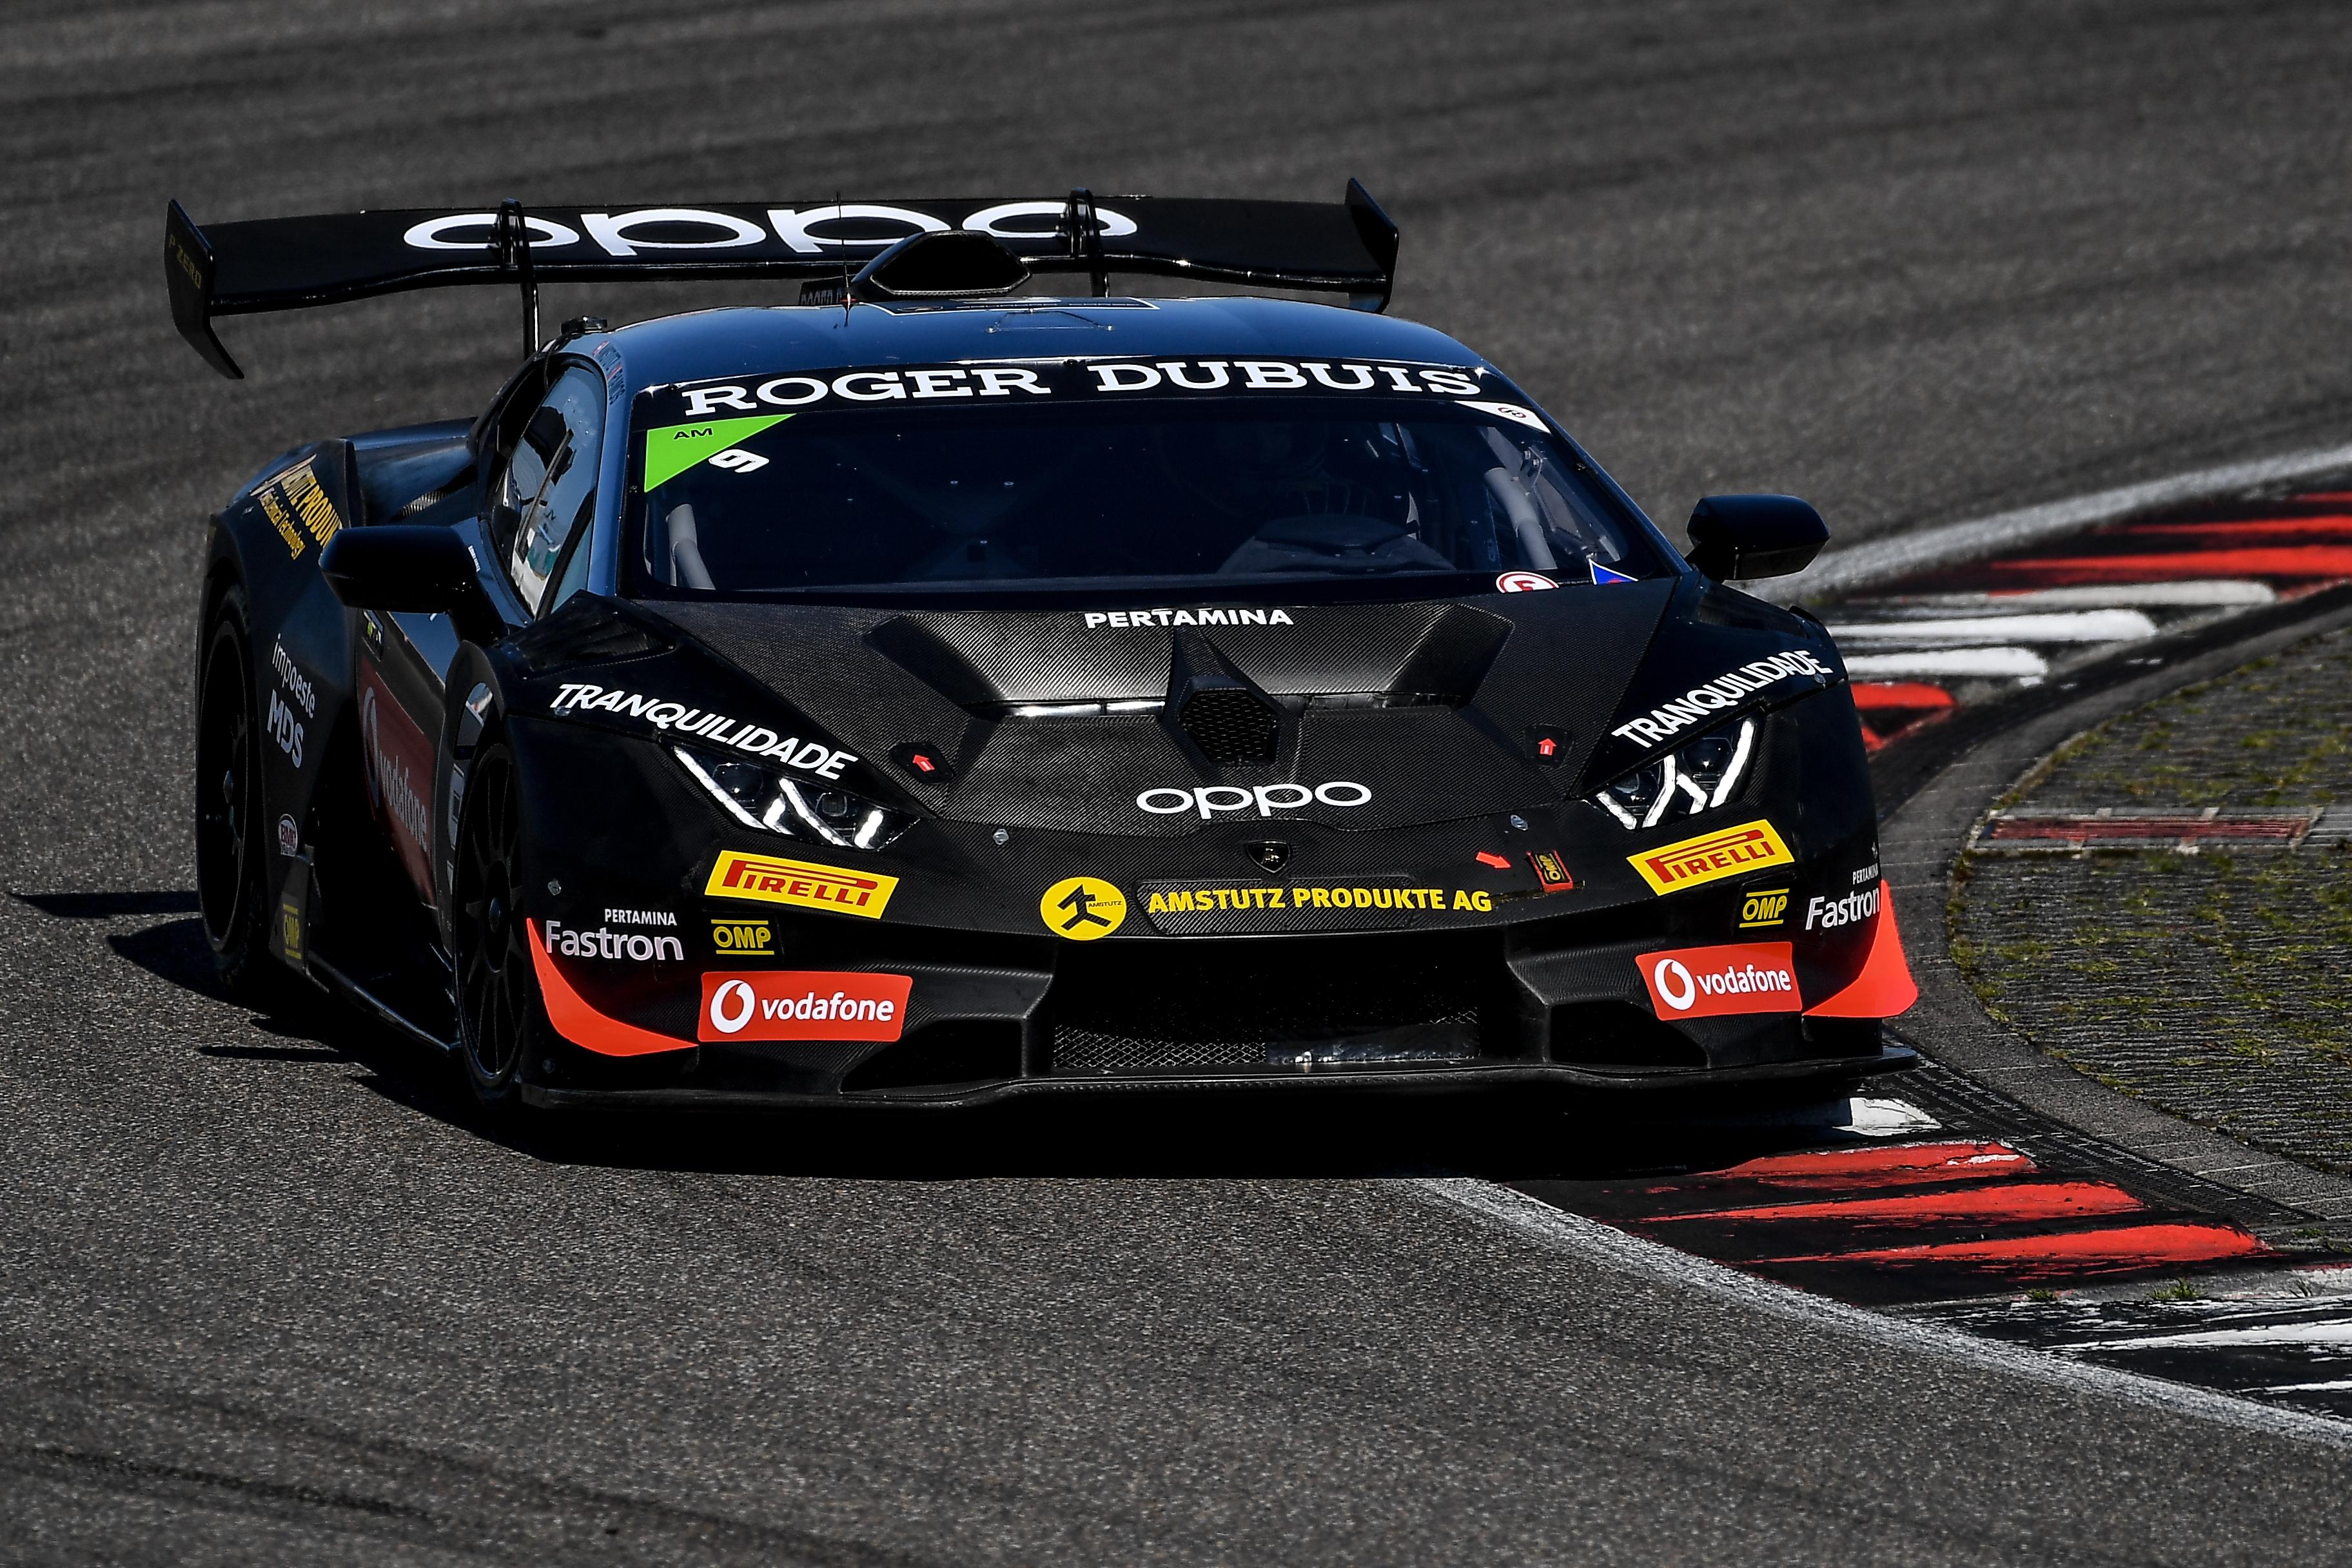 Un secondo posto assoluto e tre vittorie di classe per Target al Nurburgring